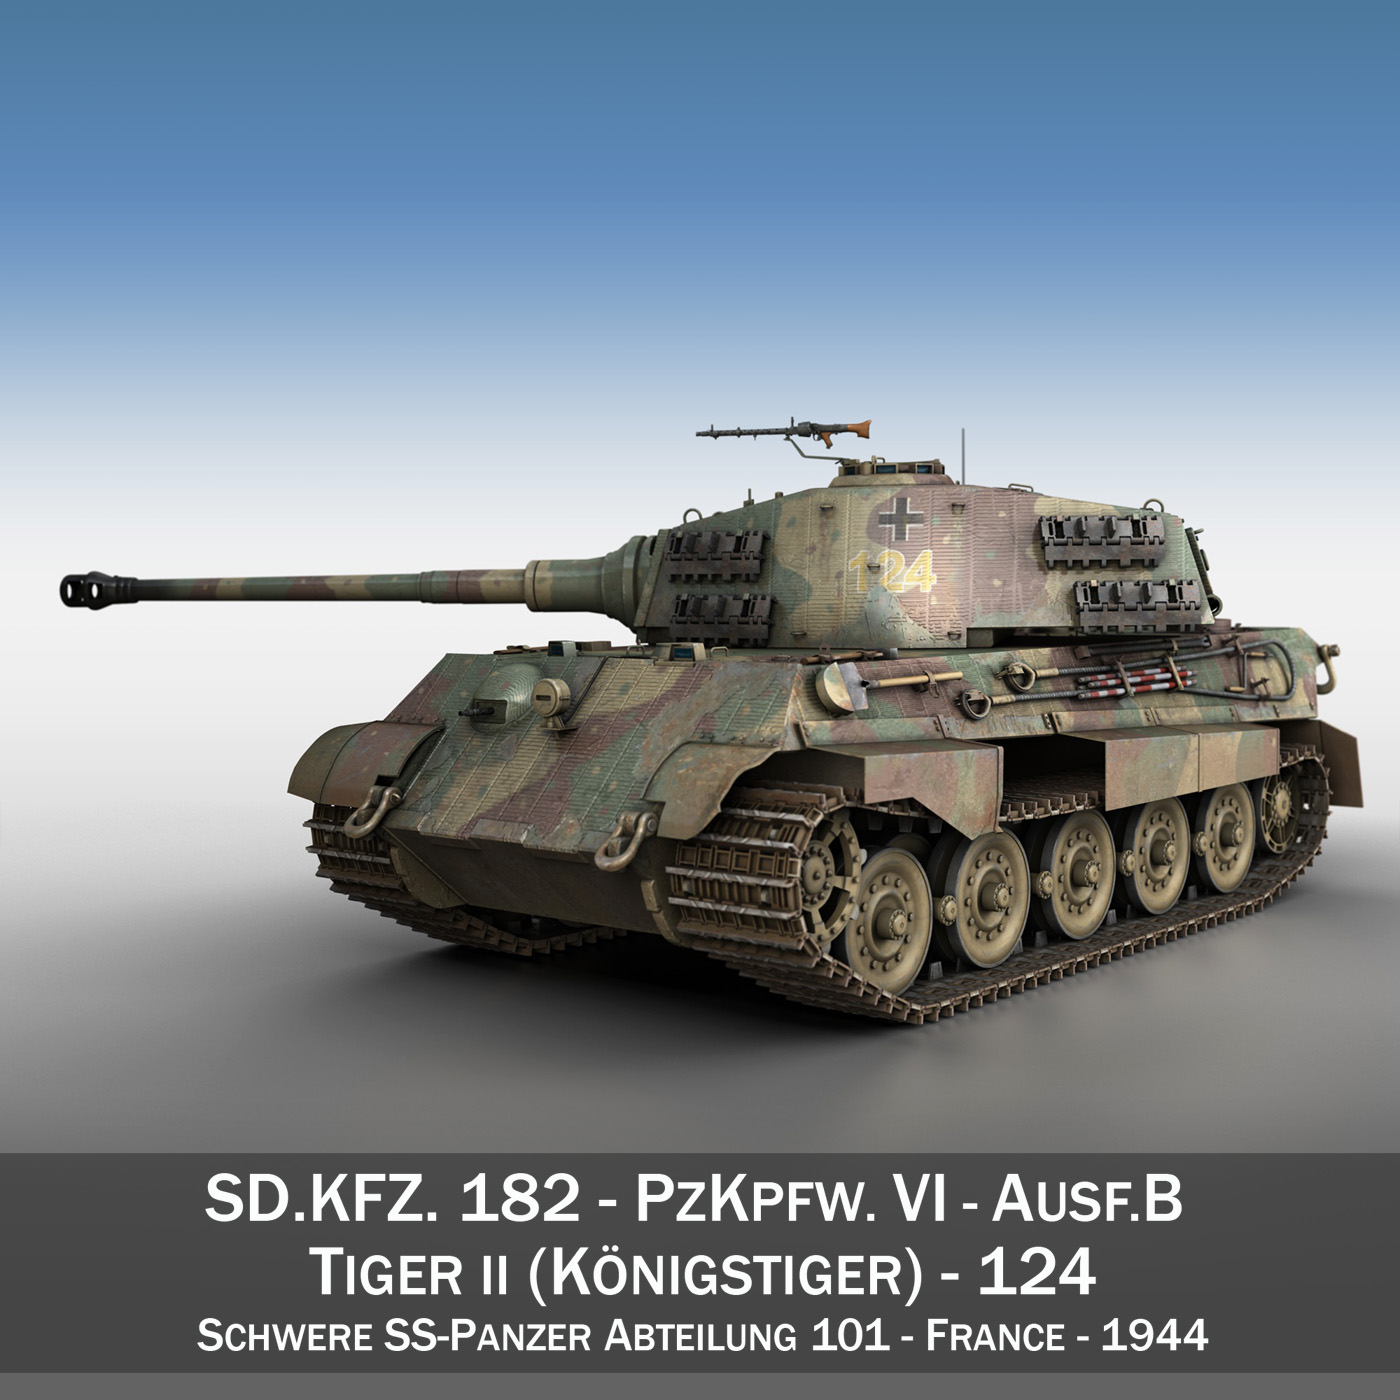 panzerkampfwagen vi - ausf.b - teigr ii - Model 124 3d 3ds c4d lwo obj 190031